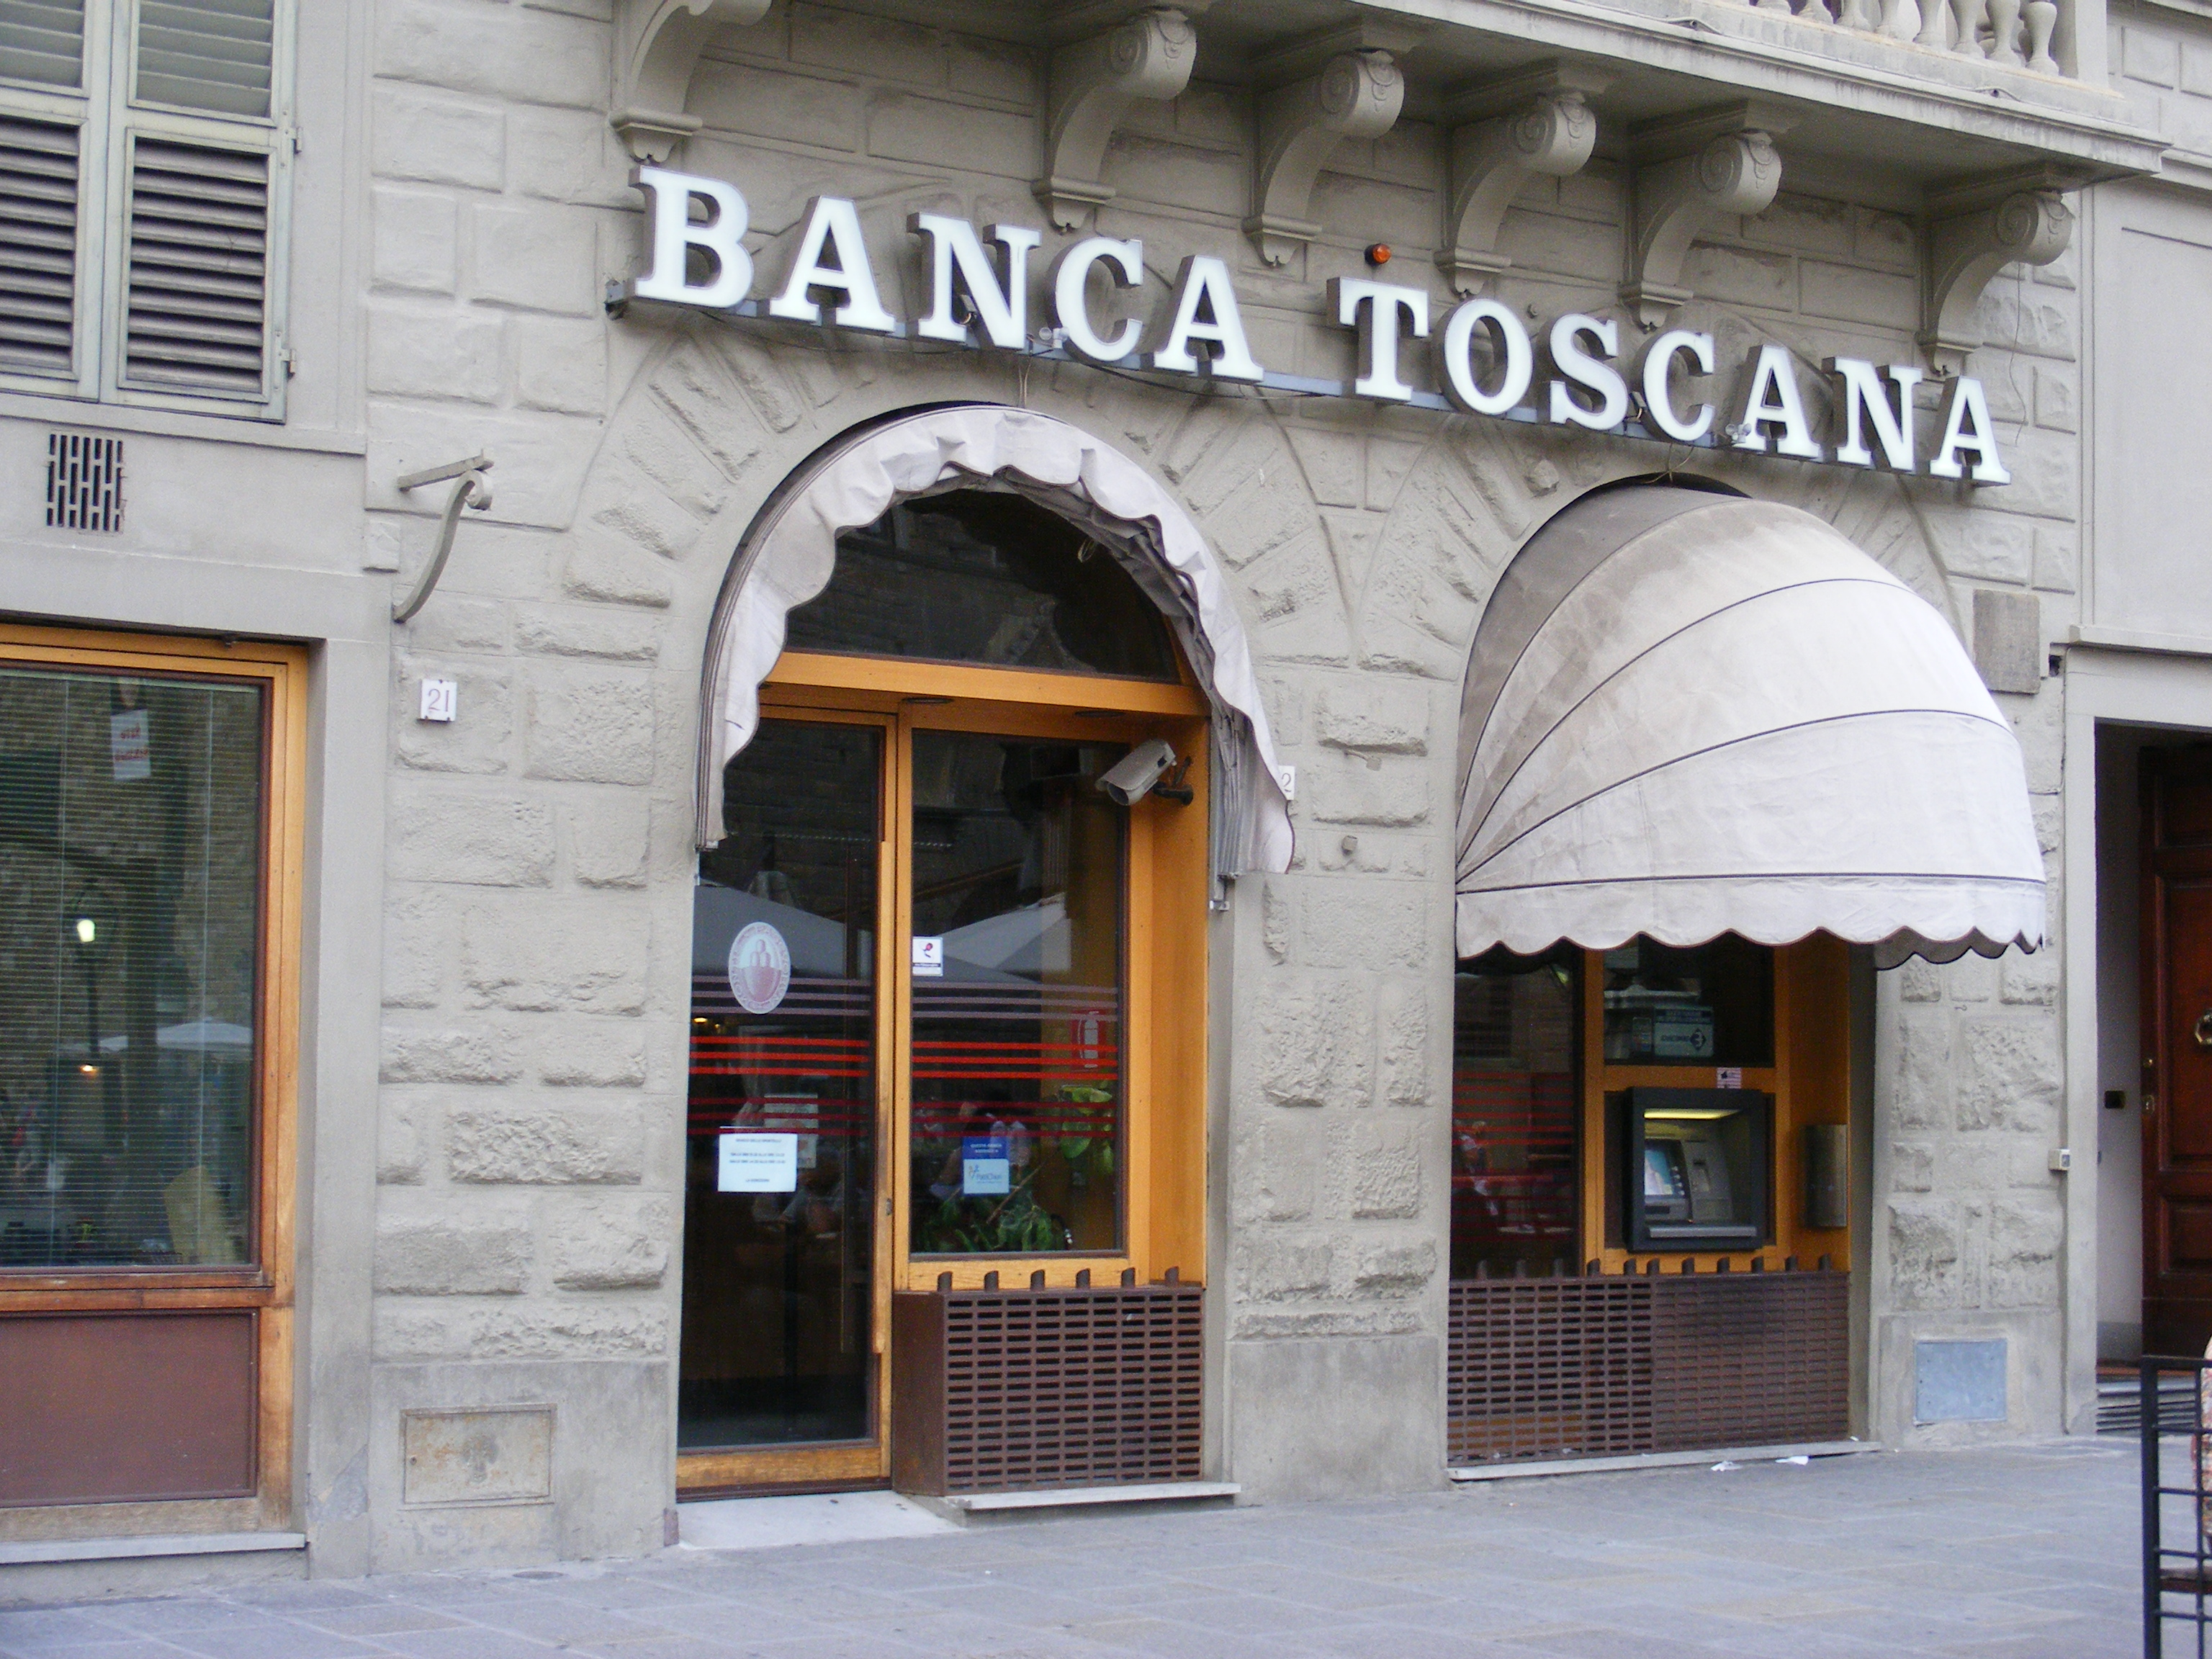 Il sostegno pubblico alle banche italiane da 150 miliardi approvato dall'Ue